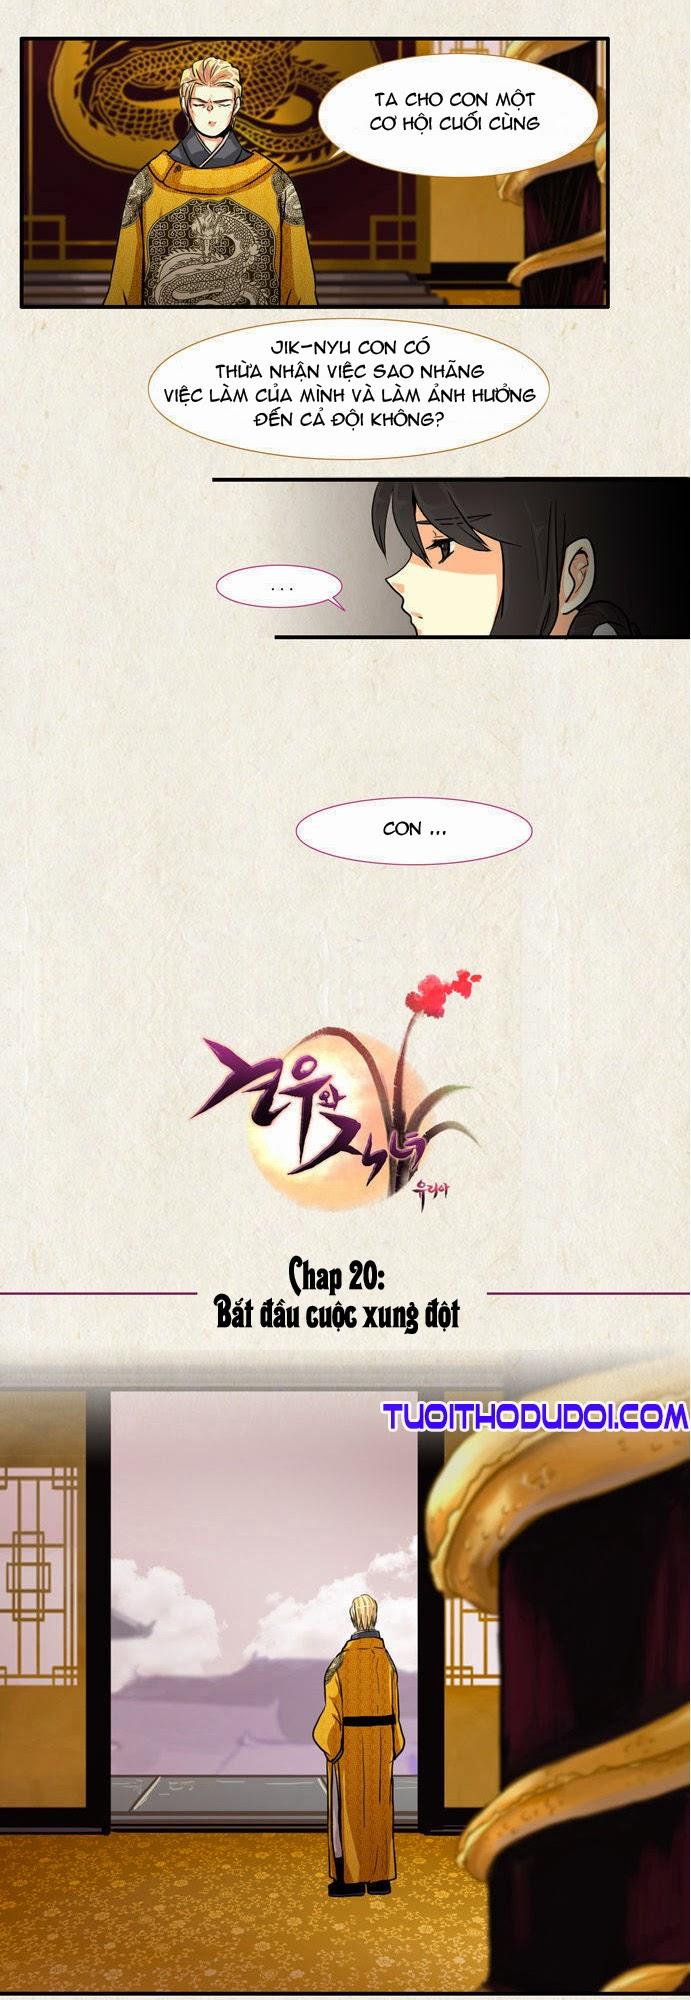 a3manga.com nguu lang chuc nu chap 20